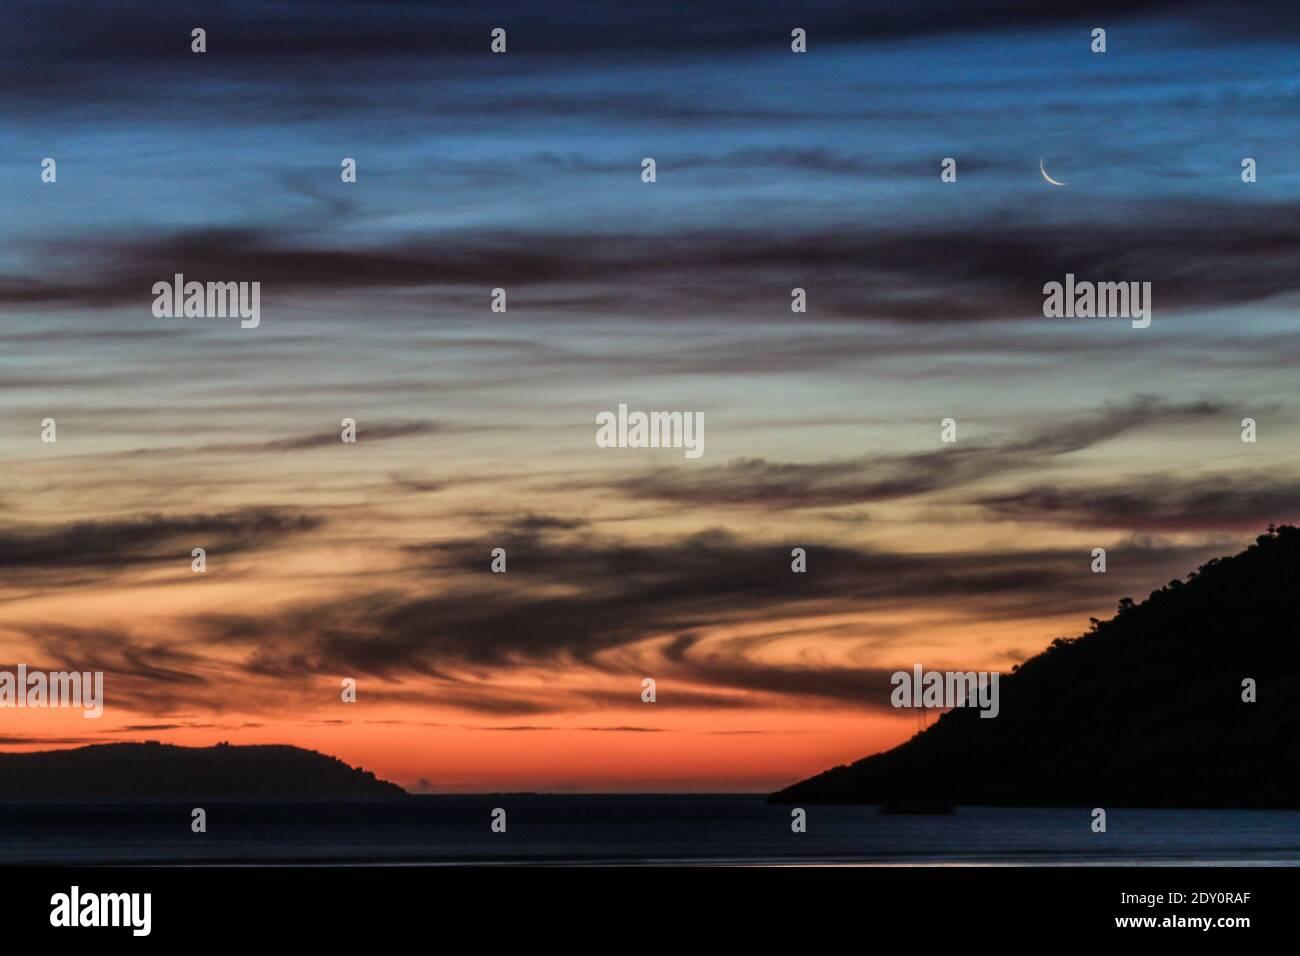 Vista panoramica del mare contro il cielo drammatico durante il tramonto Foto Stock